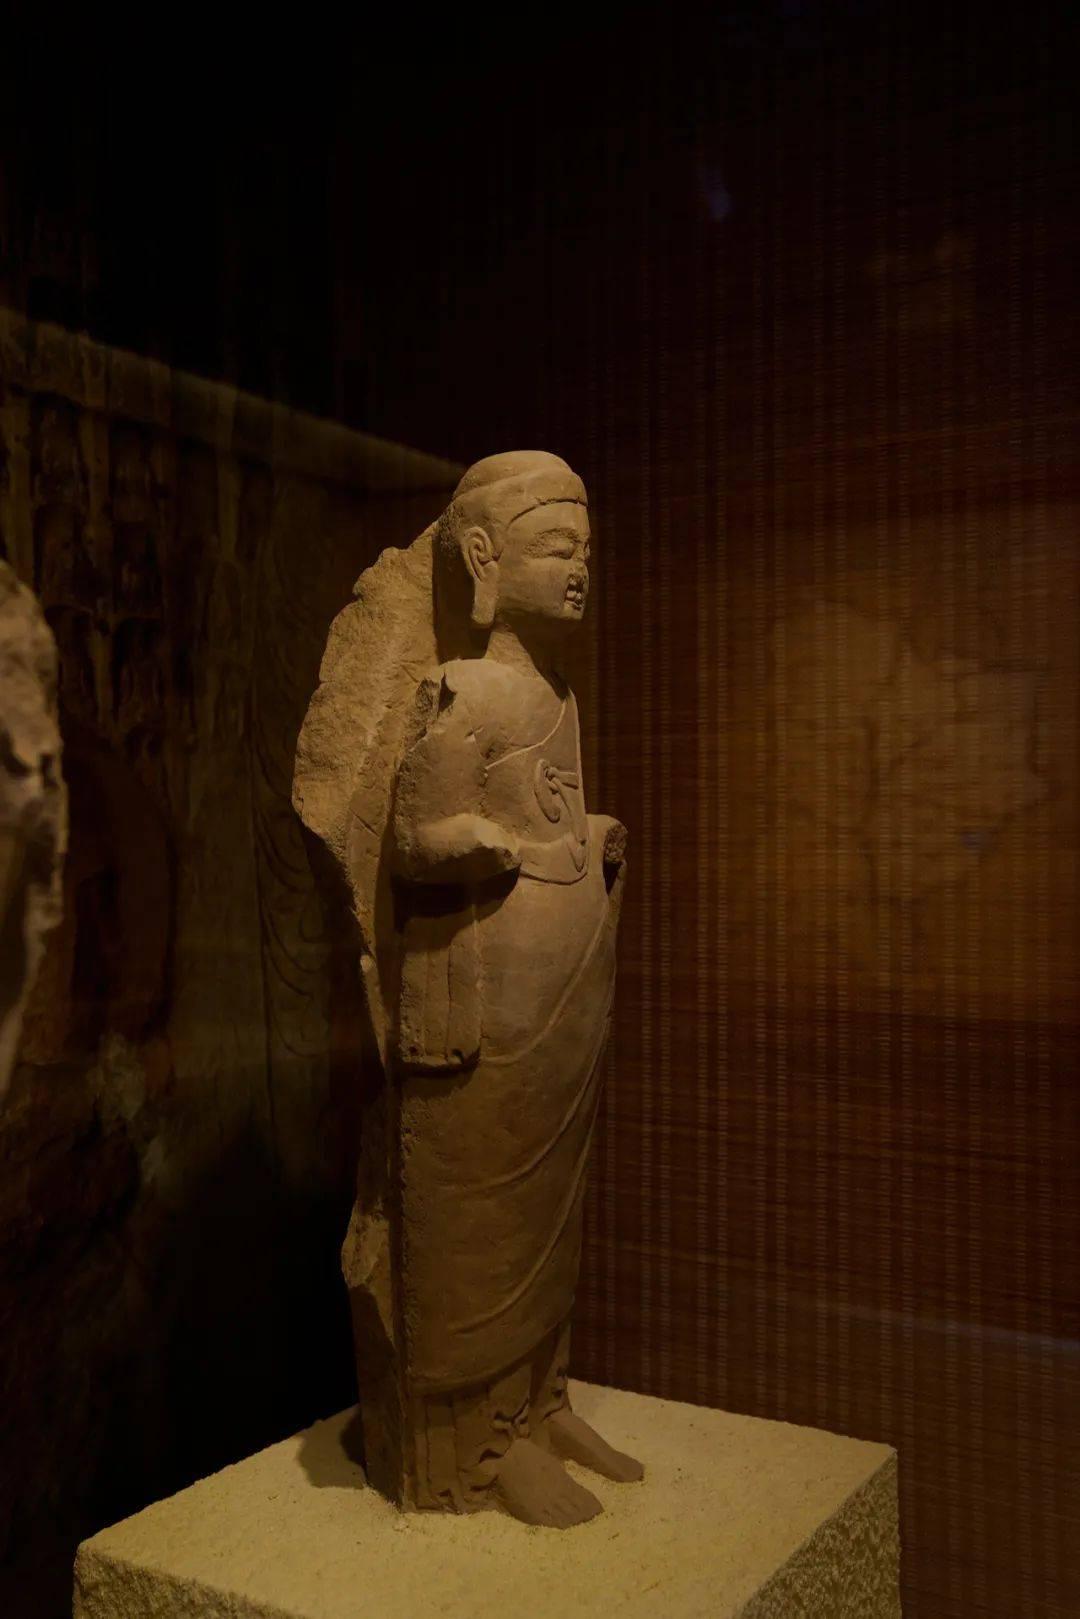 佛影禅境:榆社博物馆造像